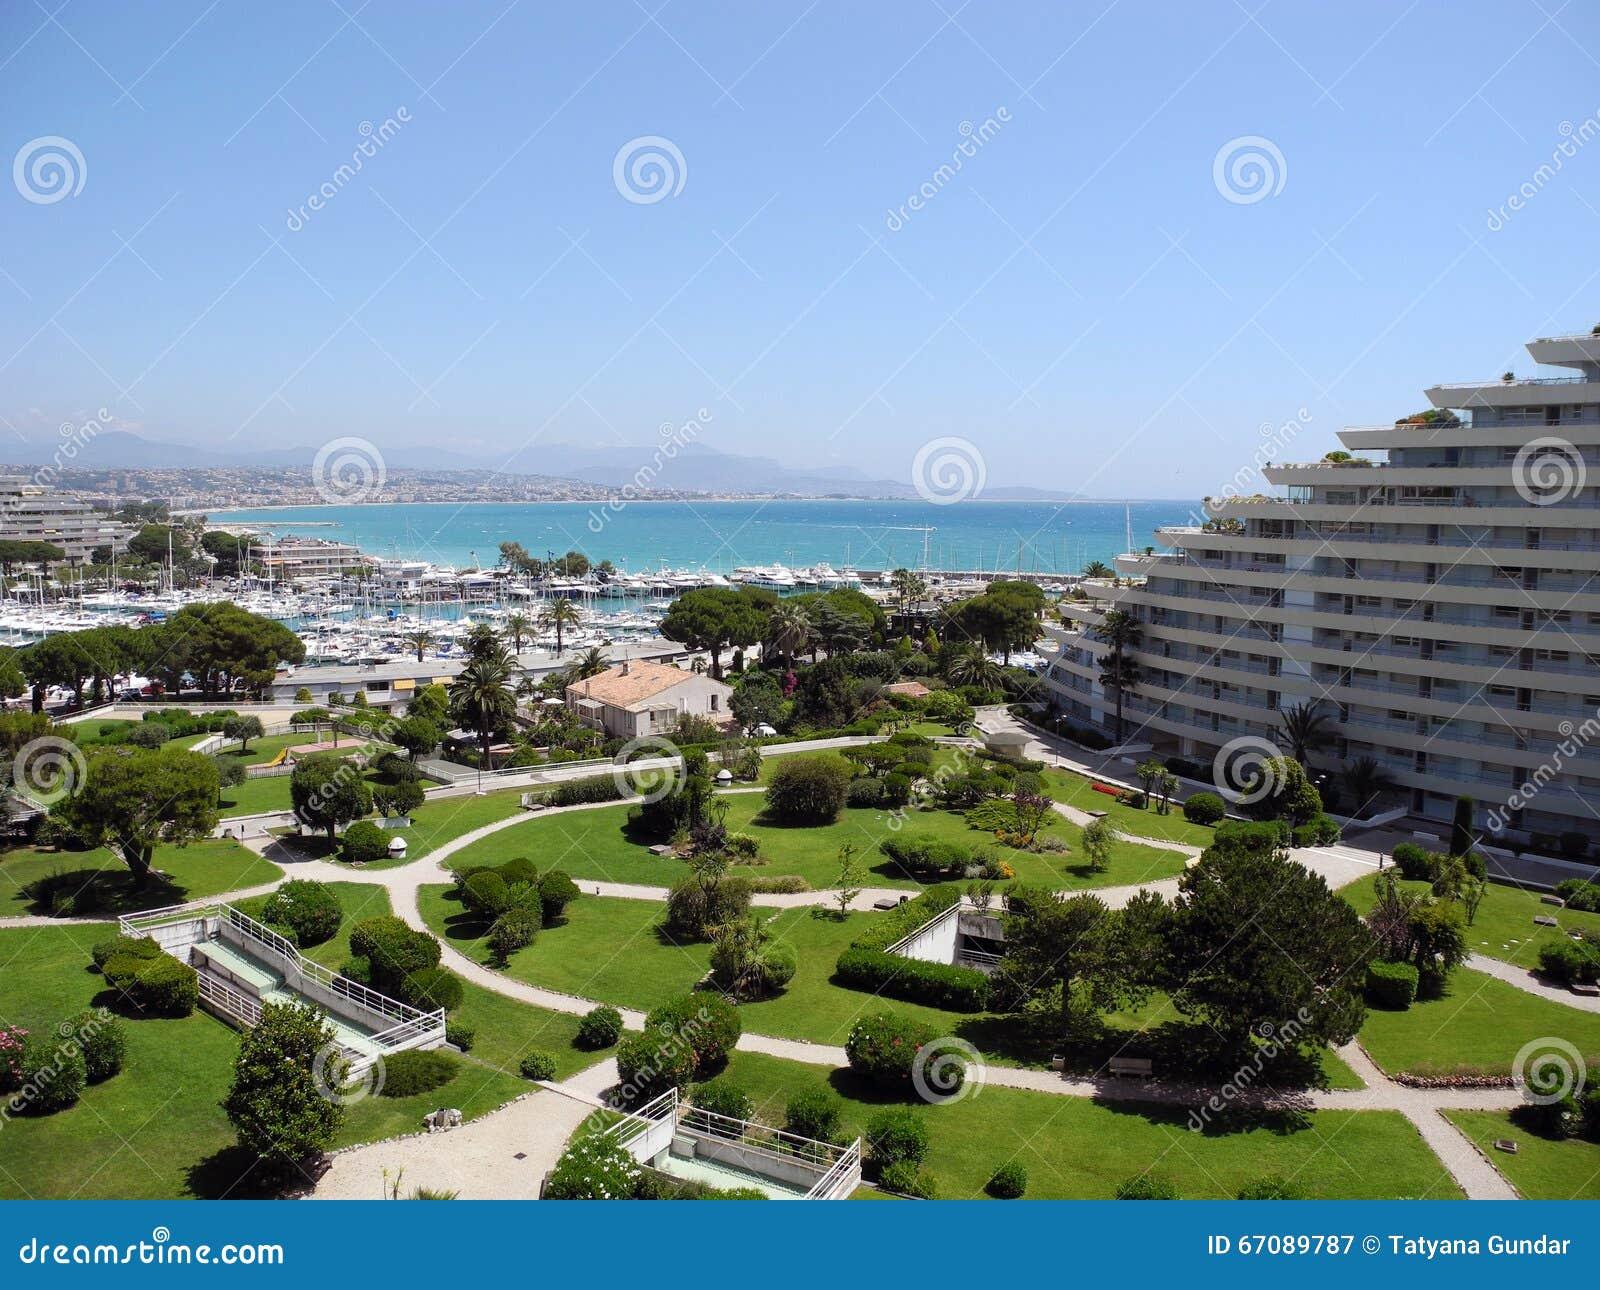 Park and sea villeneuve loubet cote d 39 azur stock photo for Piscine marina baie des anges